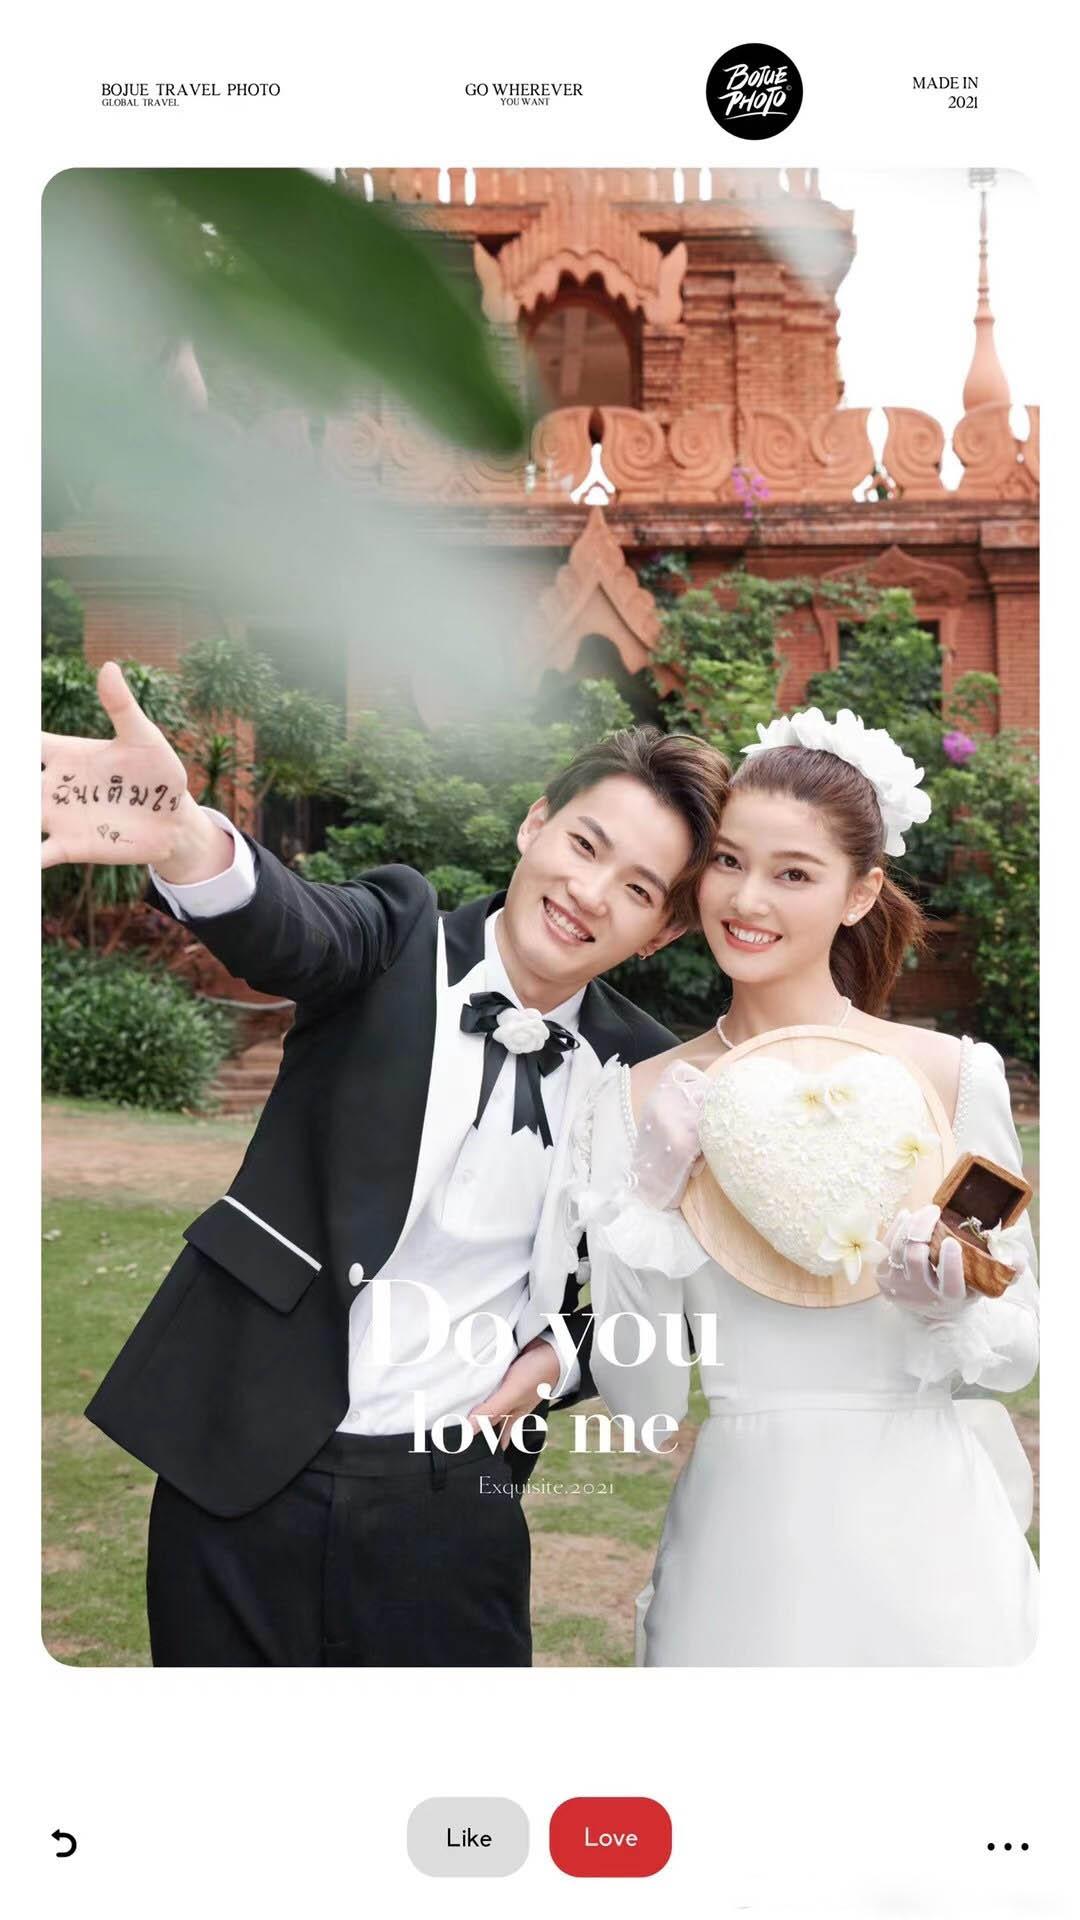 铂爵旅拍婚纱摄影 记录西双版纳旅拍婚纱照的美好